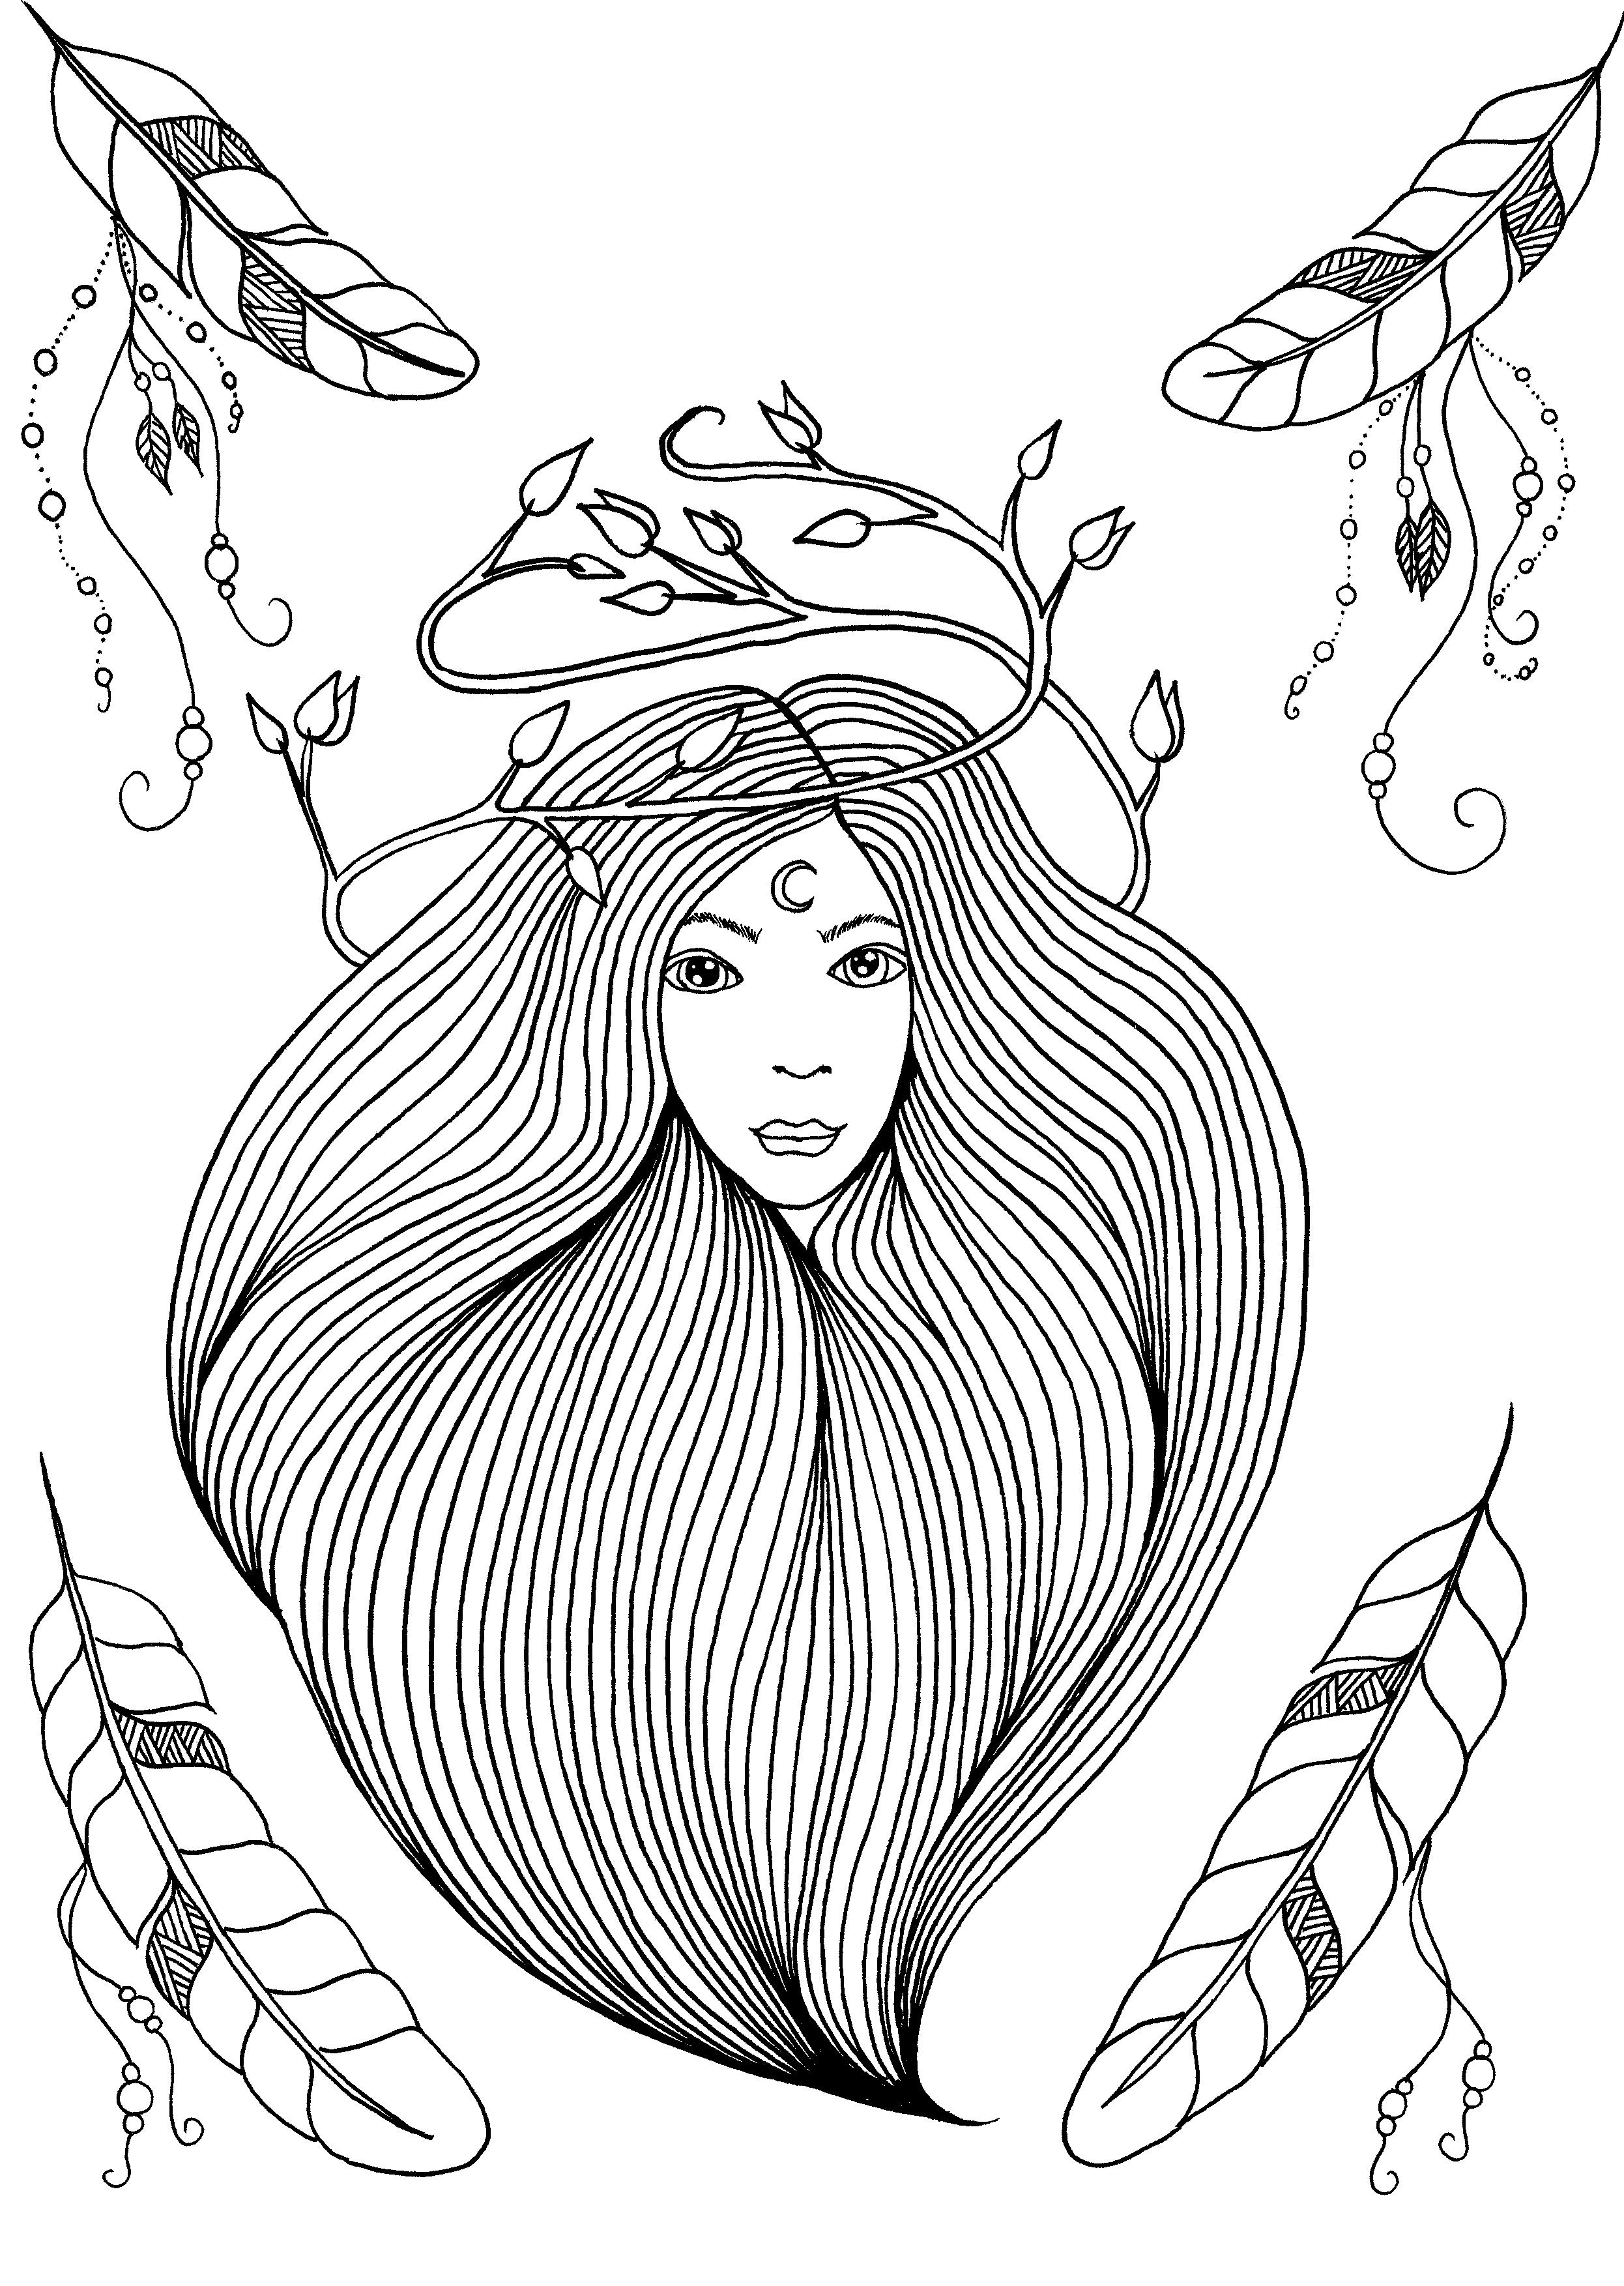 Coloriage de la couverture du livre 'Plumes et Rêves' de Leen Margot | A partir de la galerie : Anti Stress | Artiste : Leen Margot